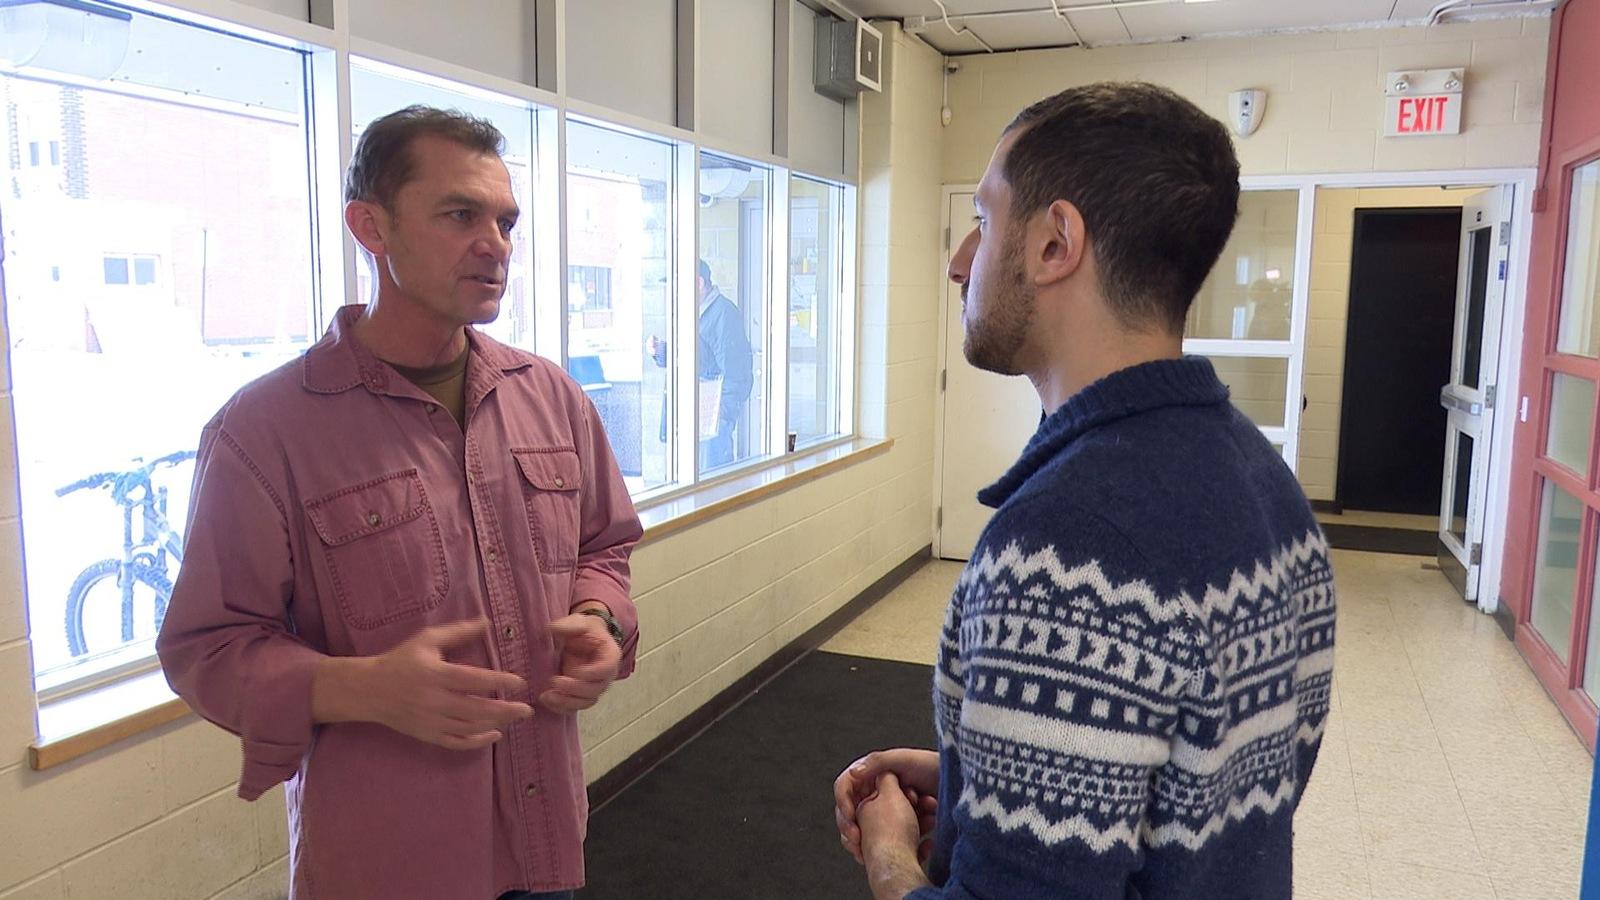 Le directeur parle avec un journaliste devant la caméra.